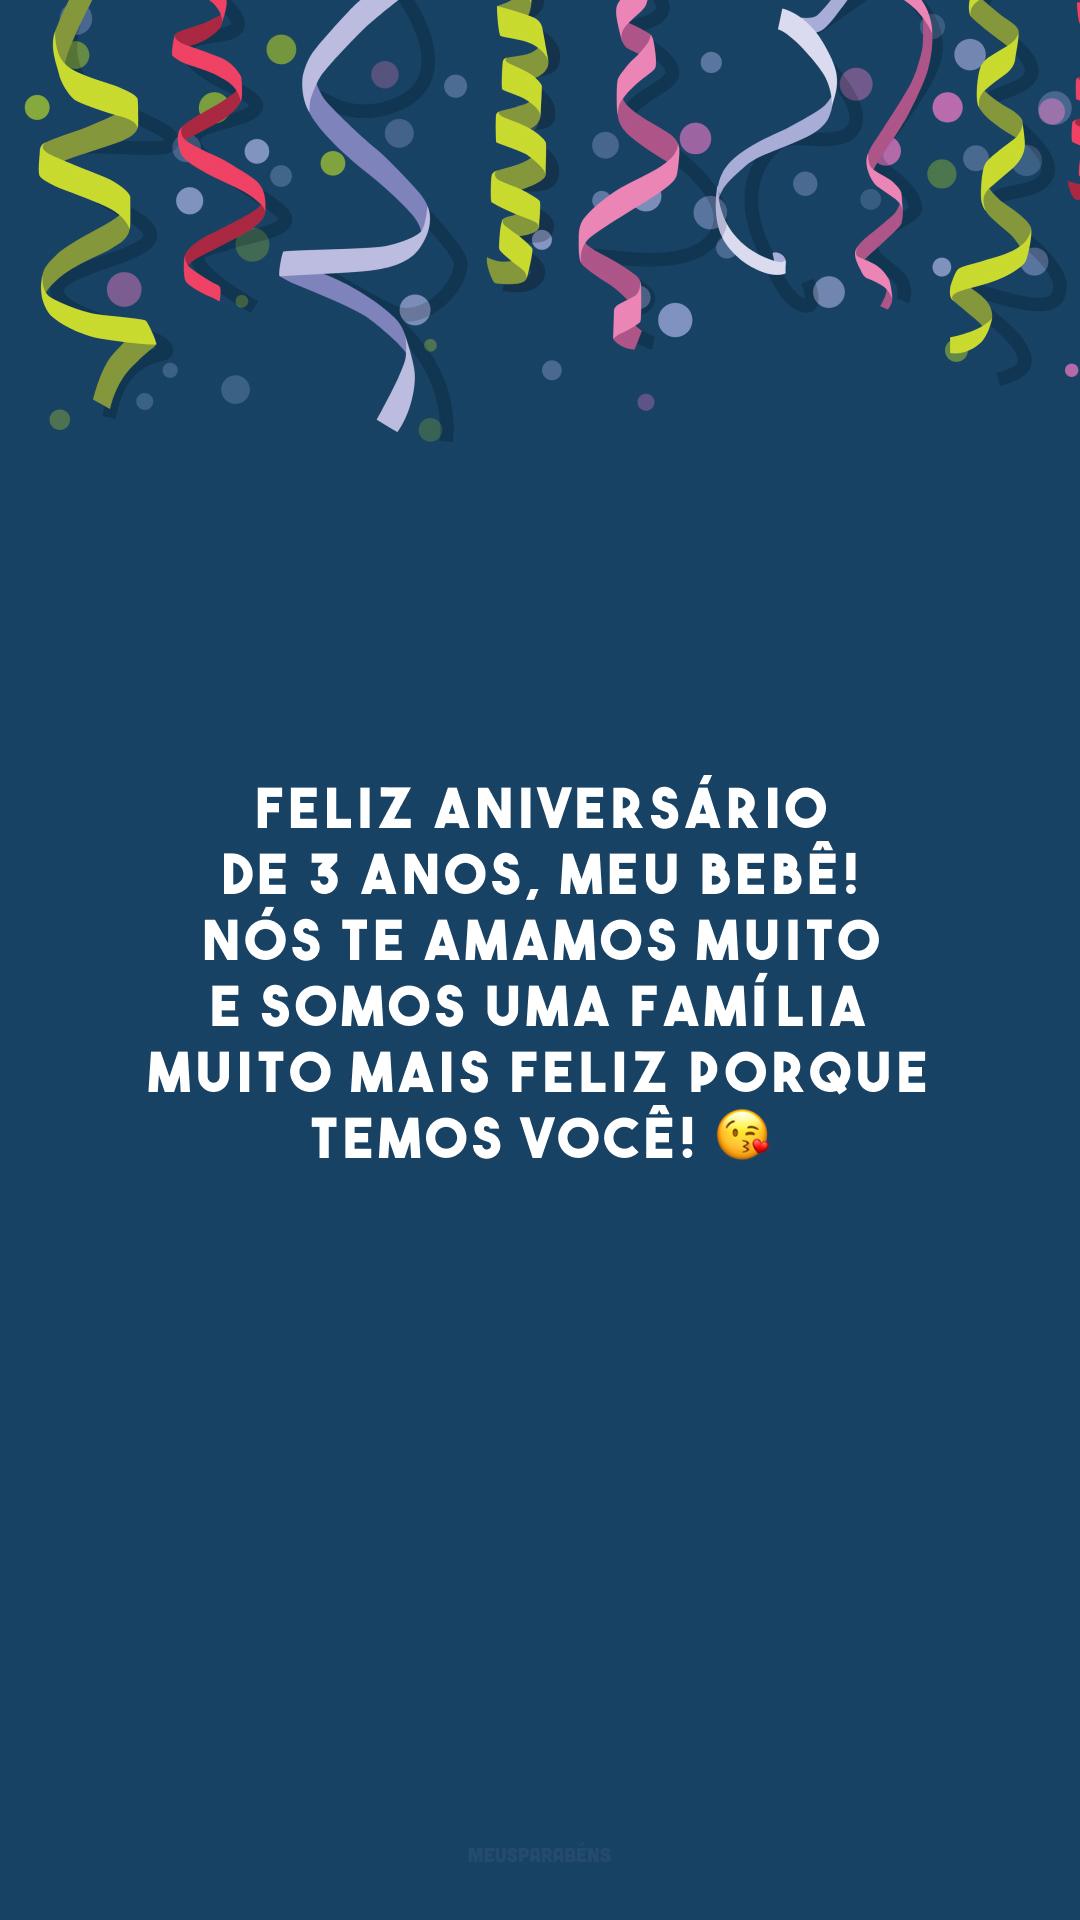 Feliz aniversário de 3 anos, meu bebê! Nós te amamos muito e somos uma família muito mais feliz porque temos você! 😘